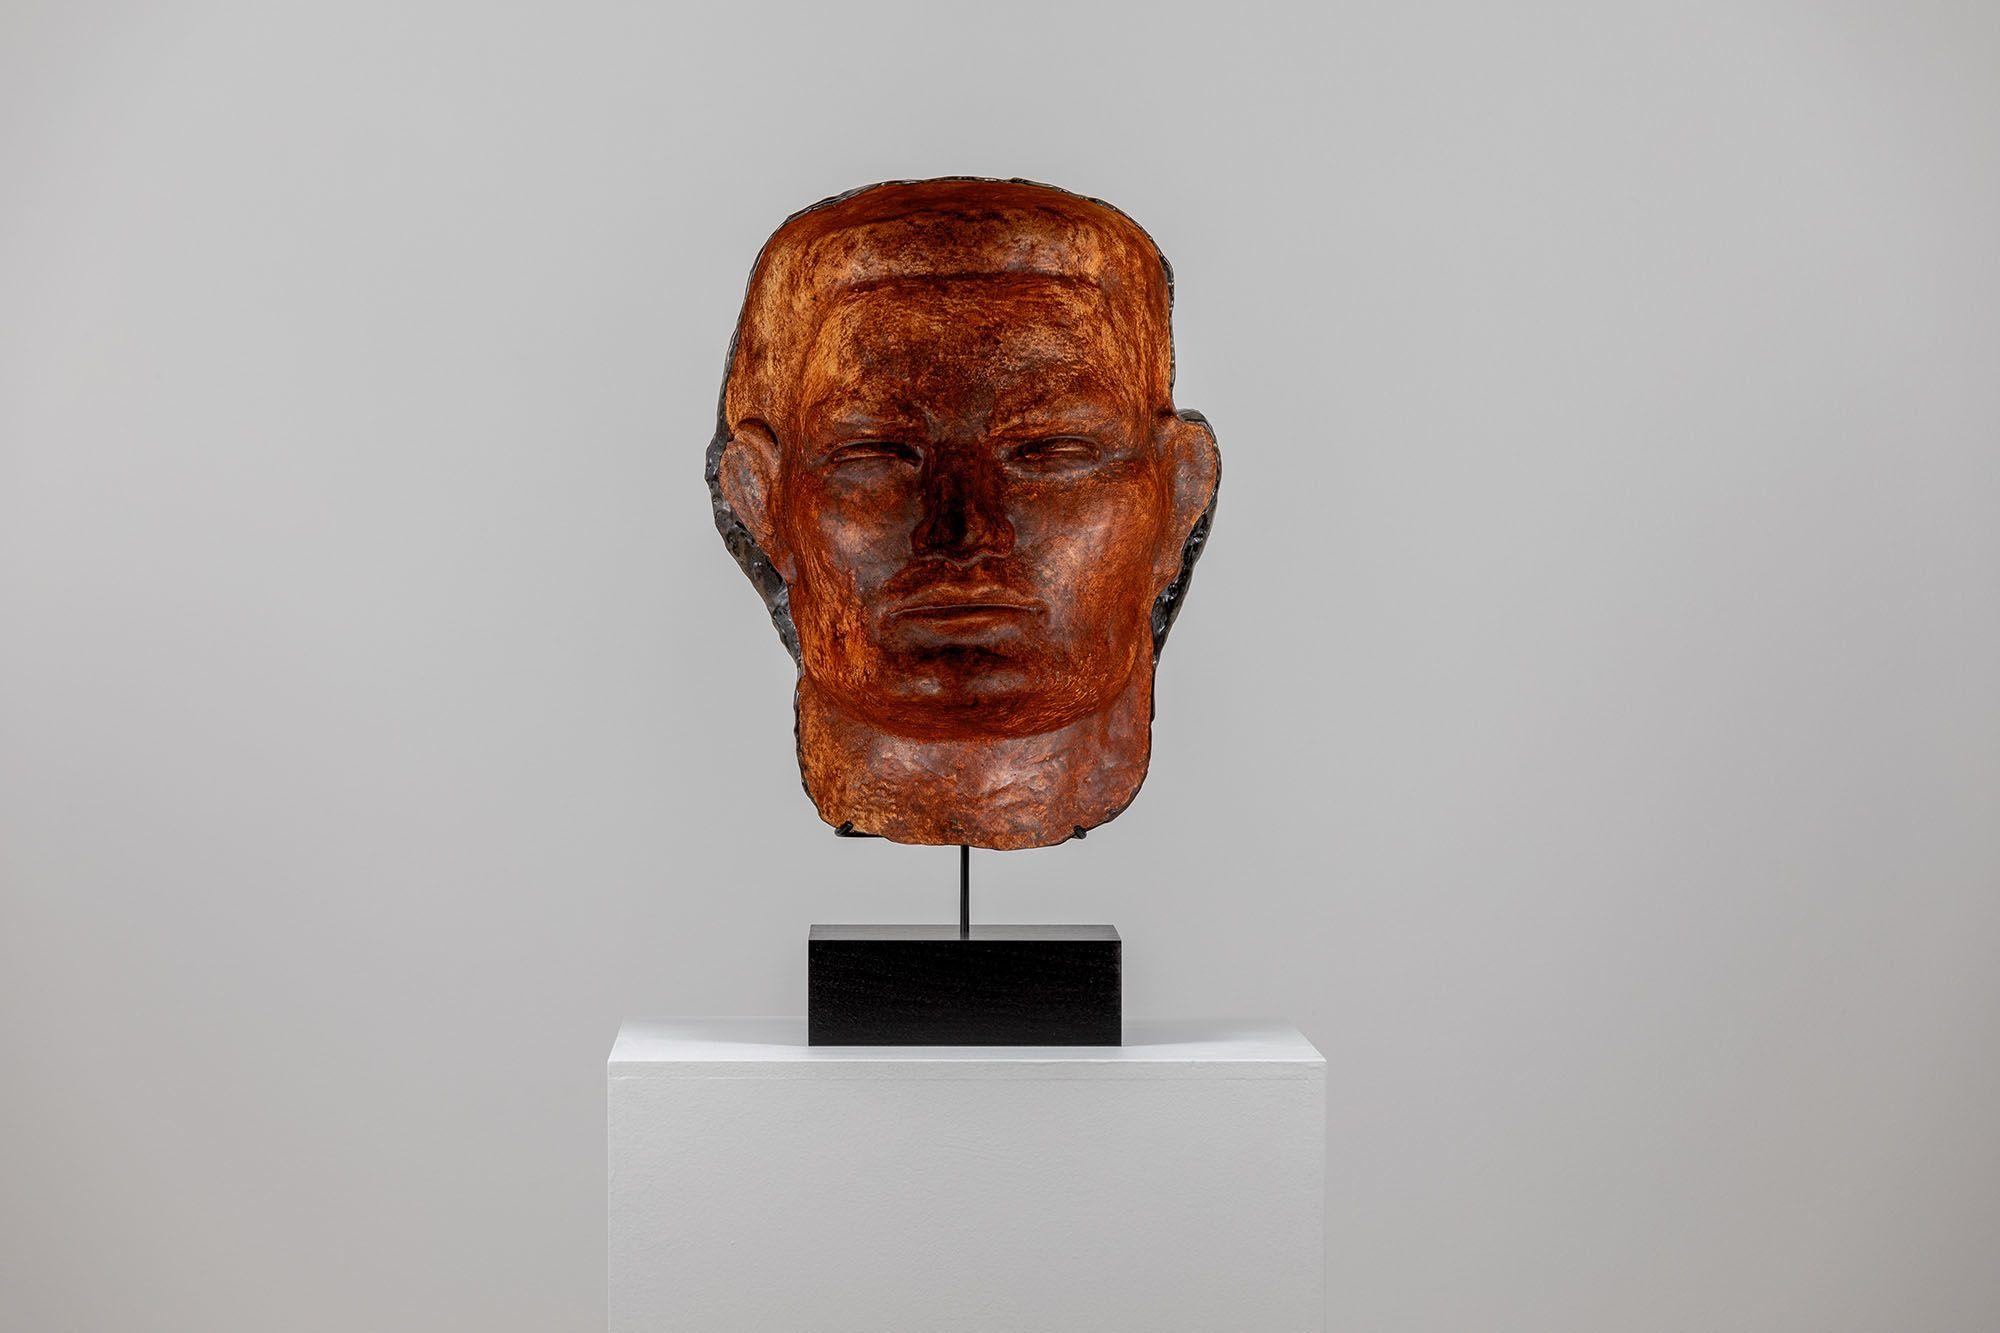 Spartan Skin (Face Mask)